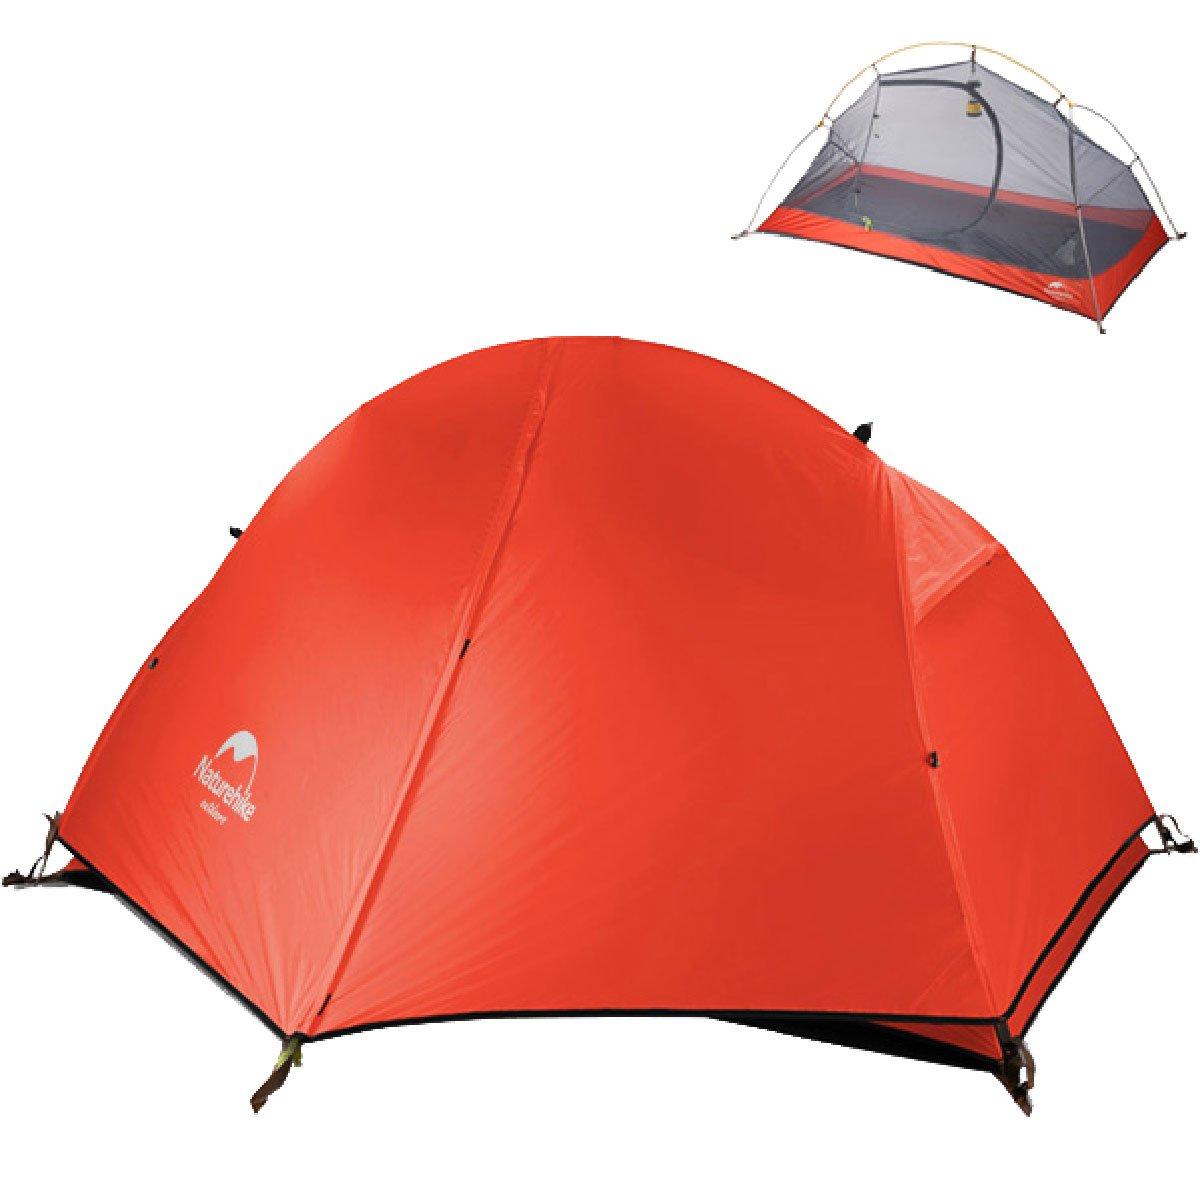 TRIWONDER Tente 1 Personne 3 Saisons randonn/ée Tente Tente imperm/éable /à leau l/ég/ère Tente de Camping Double Couche pour Camping randonn/ée Voyage